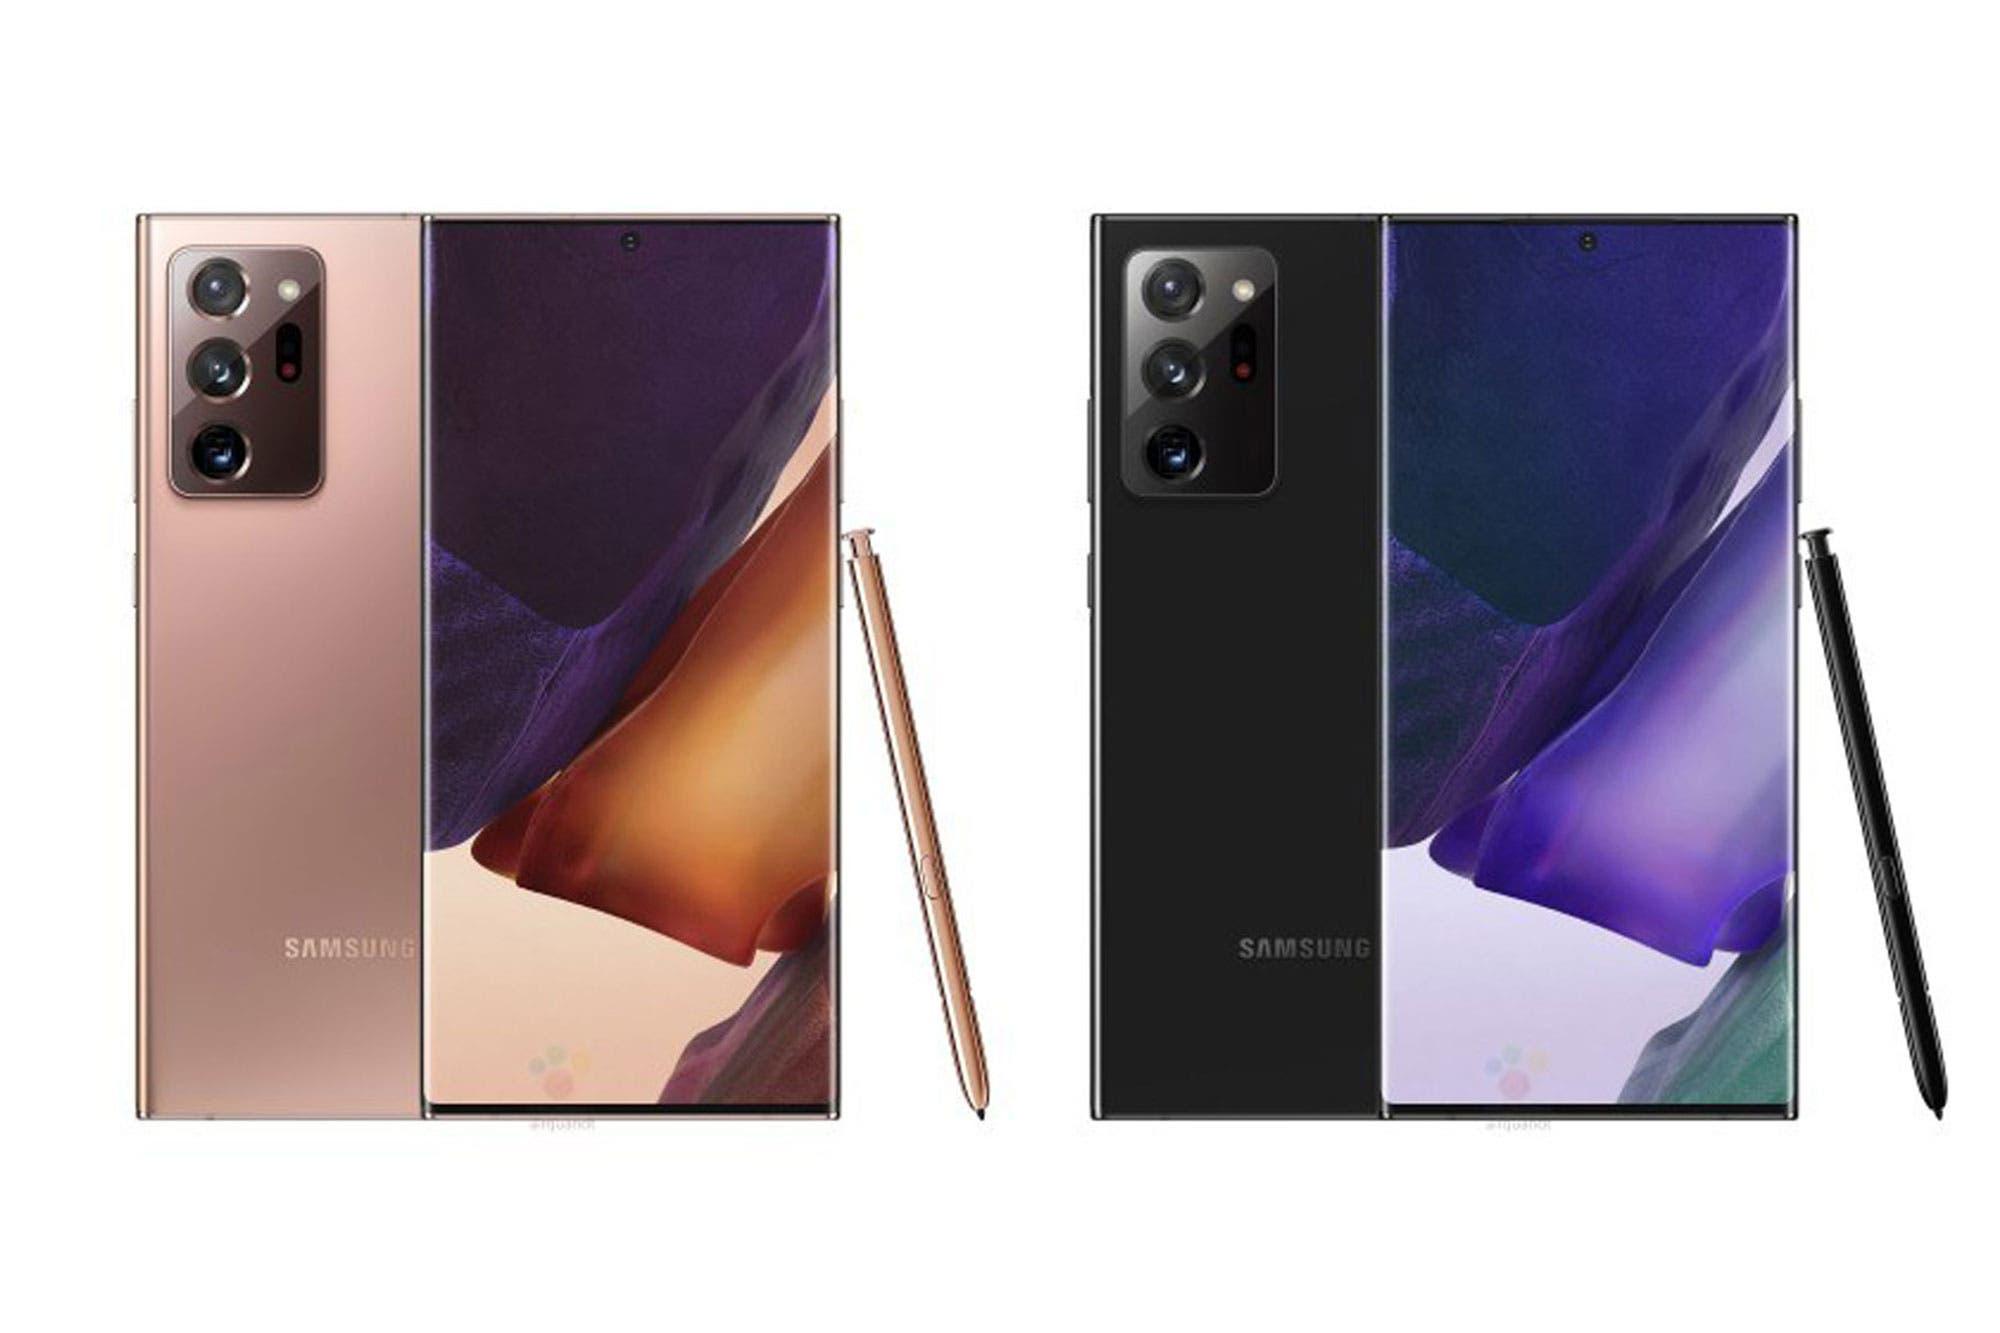 Galaxy Note 20 Ultra sin secretos: revelan cómo serán los diferentes modelos del próximo celular de Samsung